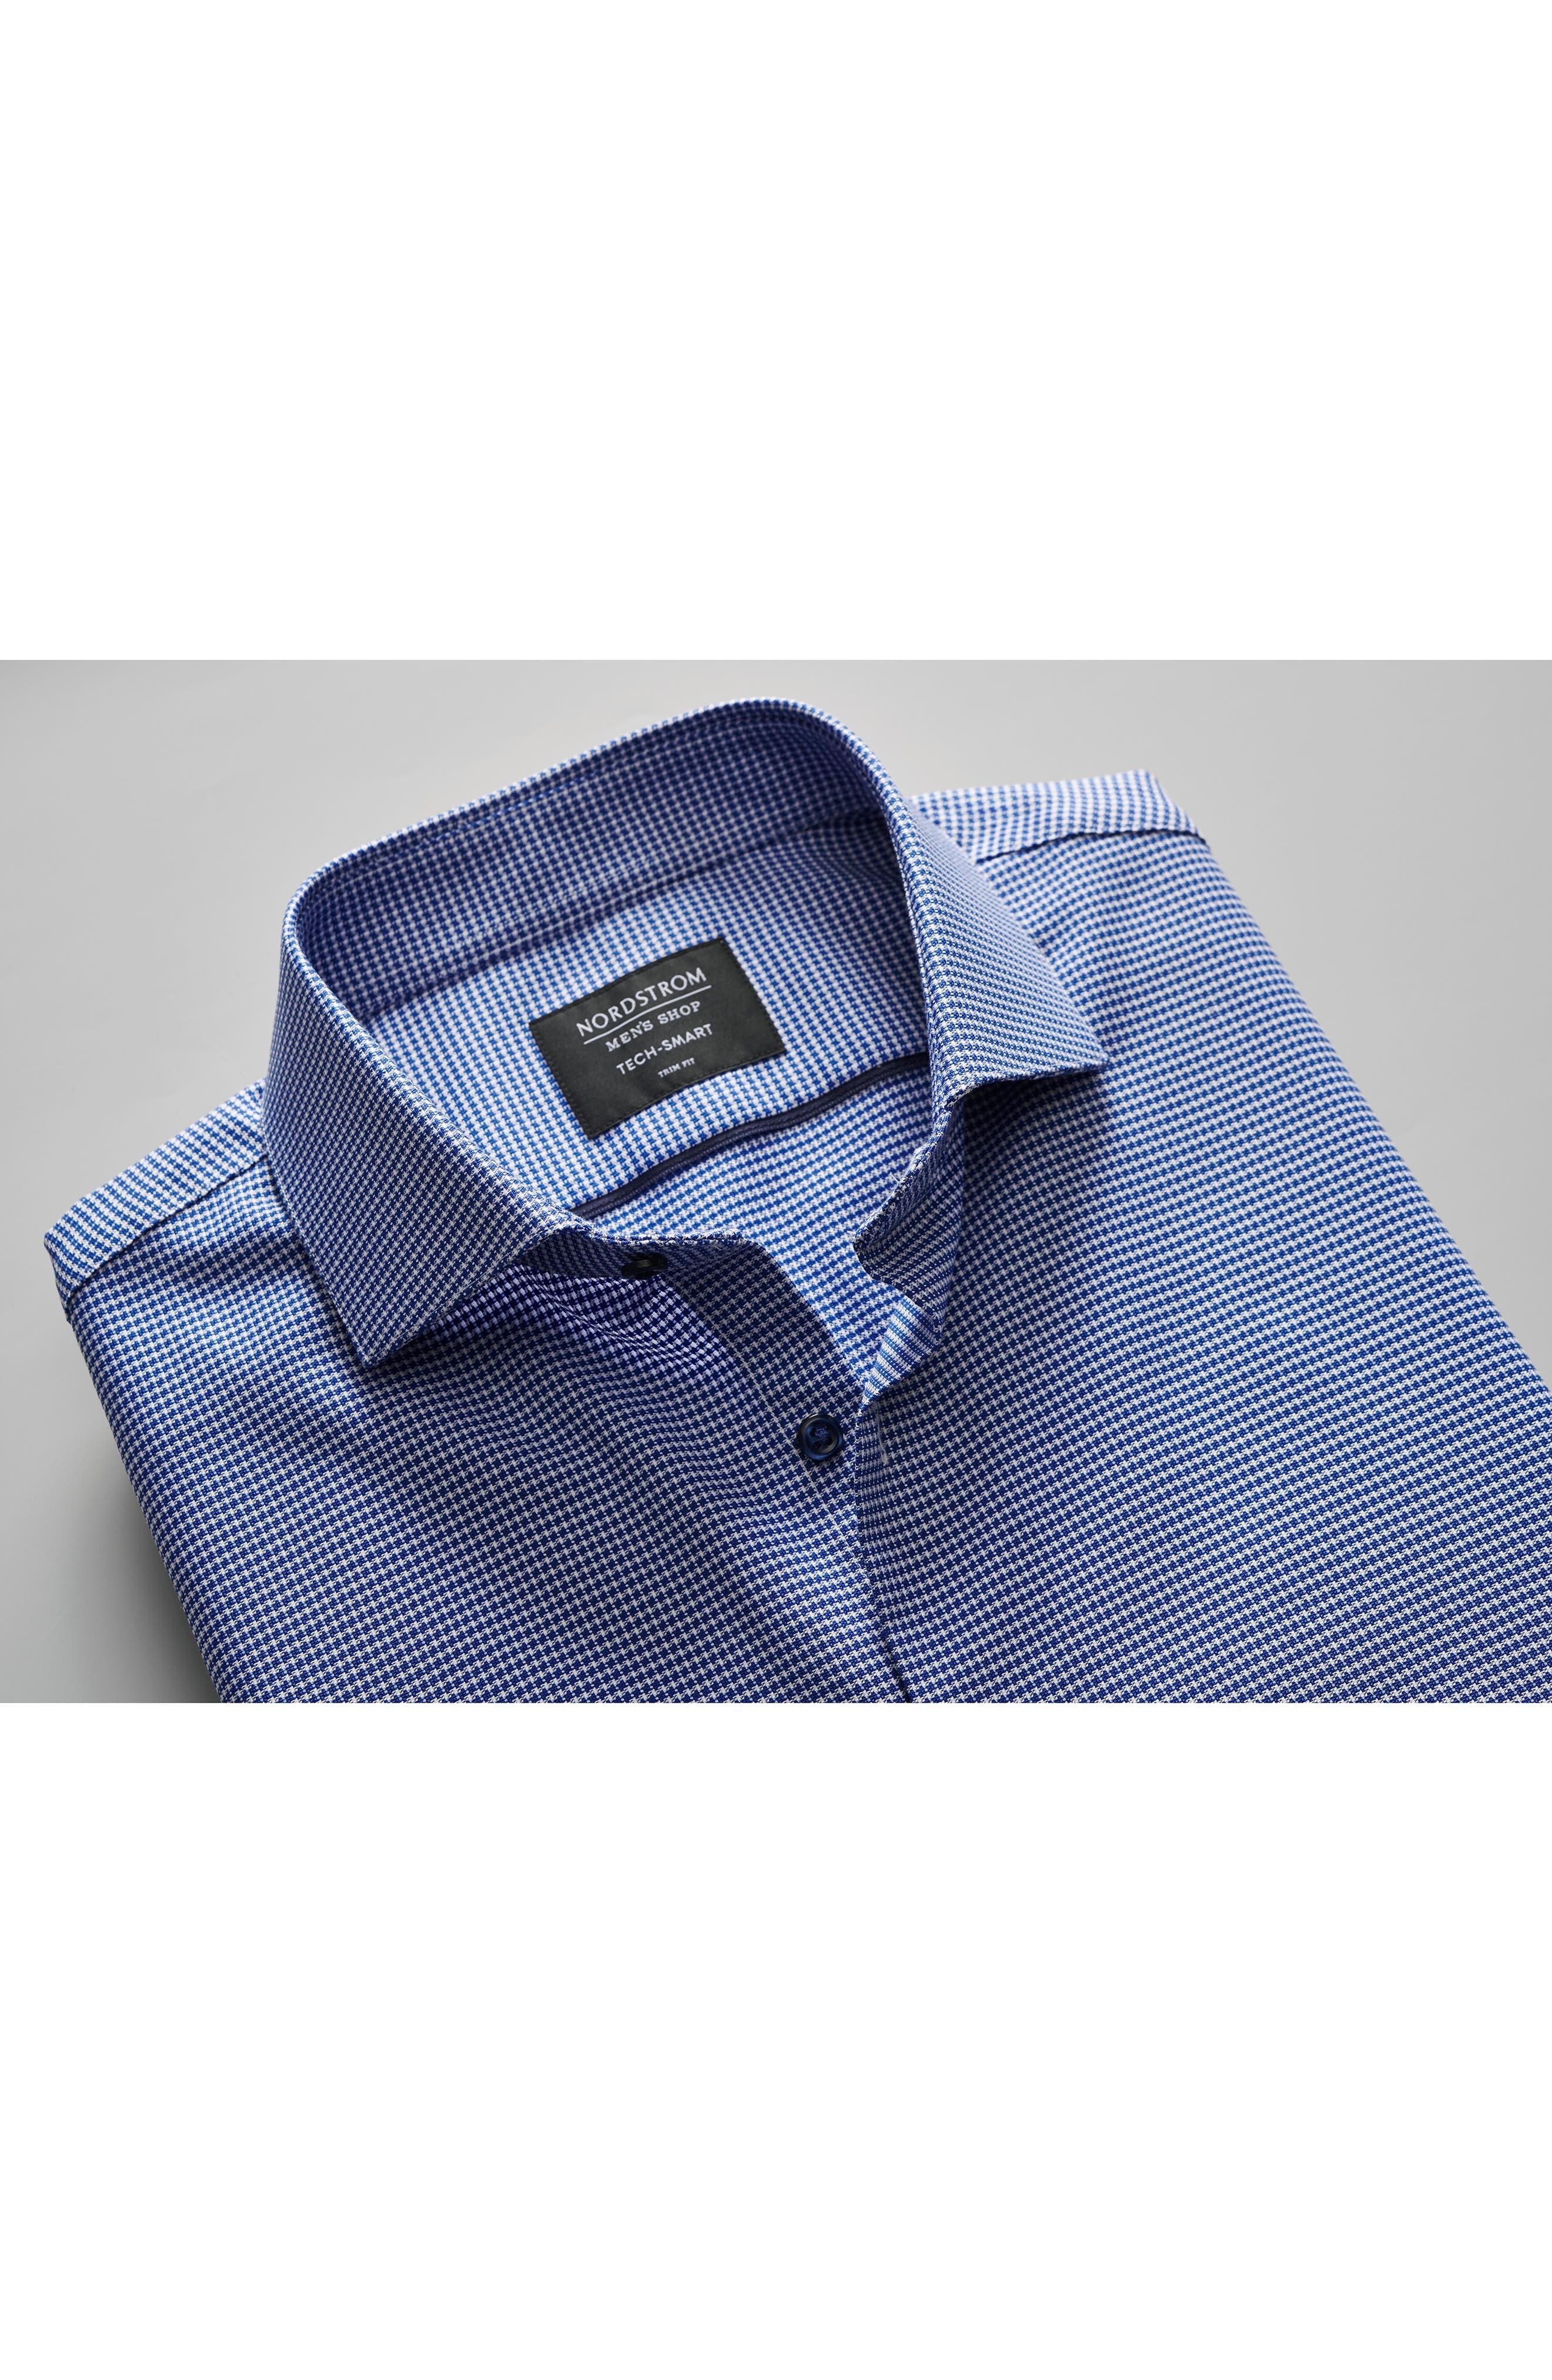 NORDSTROM MEN'S SHOP,                             Tech-Smart Trim Fit Stretch Texture Dress Shirt,                             Alternate thumbnail 11, color,                             BLUE HYDRANGEA